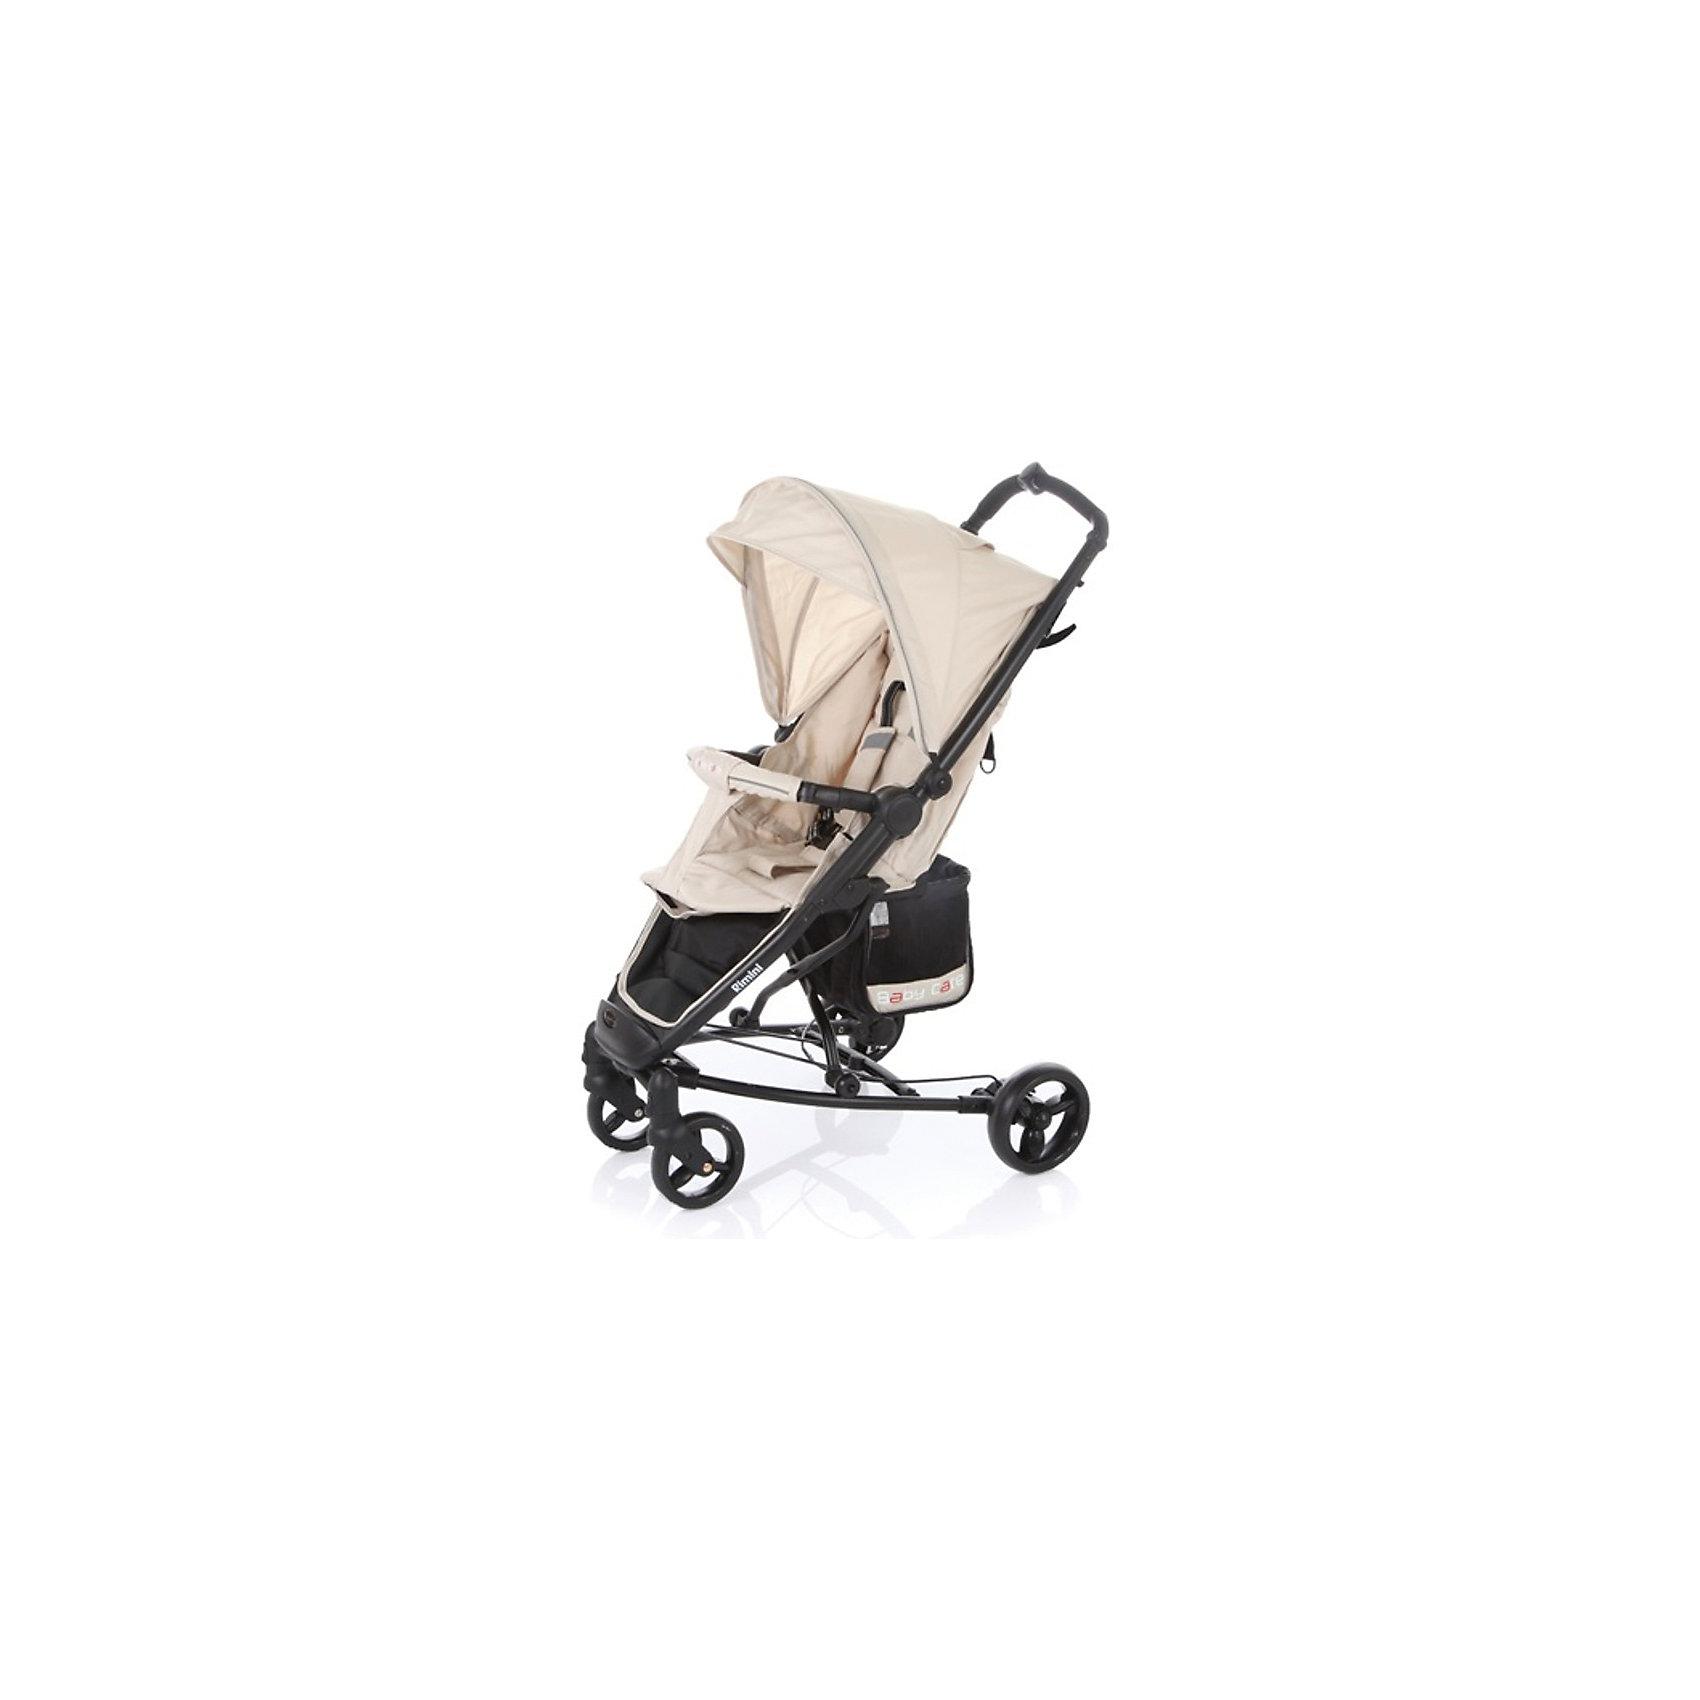 Прогулочная коляска Baby Care Rimini, бежевыйНедорогие коляски<br>Характеристики коляски:<br><br>• регулируется наклон спинки почти до горизонтального положения;<br>• регулируется подножка;<br>• 5-ти точечные ремни безопасности удерживают ребенка;<br>• имеется бампер с мягкой обивкой;<br>• капюшон оснащен смотровым окошком, имеется солнцезащитный козырек;<br>• чехол на ножки защищает от ветра и непогоды;<br>• передние плавающие колеса с фиксацией;<br>• ножной барабанный тормоз на тросике;<br>• тип складывания: книжка;<br>• предусмотрена защита от случайного раскладывания;<br>• материал рамы: алюминий.<br><br>Размер коляски: 51х82х102 см<br>Размер в сложенном виде: 32х75х44 см<br>Длина спального места: 73 см<br>Ширина сиденья: 30 см<br>Диаметр колес: 15 см, 17 см<br>Ширина колесной базы: 59 см<br>Размер корзины: 20х20х25 см<br>Вес коляски: 8,4 кг<br>Размер упаковки: 76х35х23 см<br>Вес в упаковке: 9,4 кг<br><br>Прогулочную коляску Rimini, Baby Care, цвет бежевый можно купить в нашем интернет-магазине.<br><br>Ширина мм: 760<br>Глубина мм: 230<br>Высота мм: 350<br>Вес г: 9400<br>Возраст от месяцев: 6<br>Возраст до месяцев: 48<br>Пол: Унисекс<br>Возраст: Детский<br>SKU: 5513638